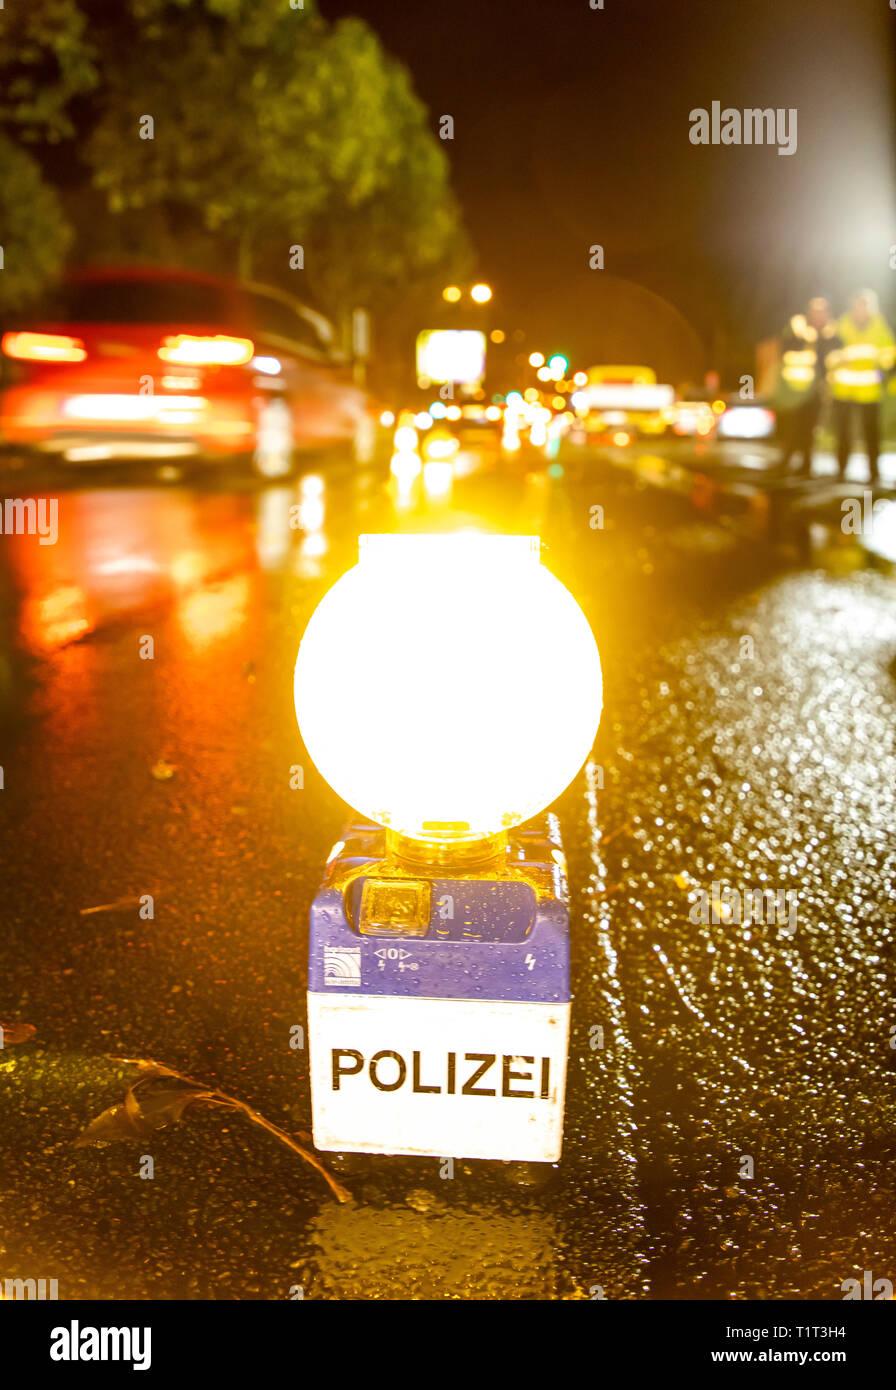 Abendliche Verkehrskontrolle der Polizei, - Stock Image